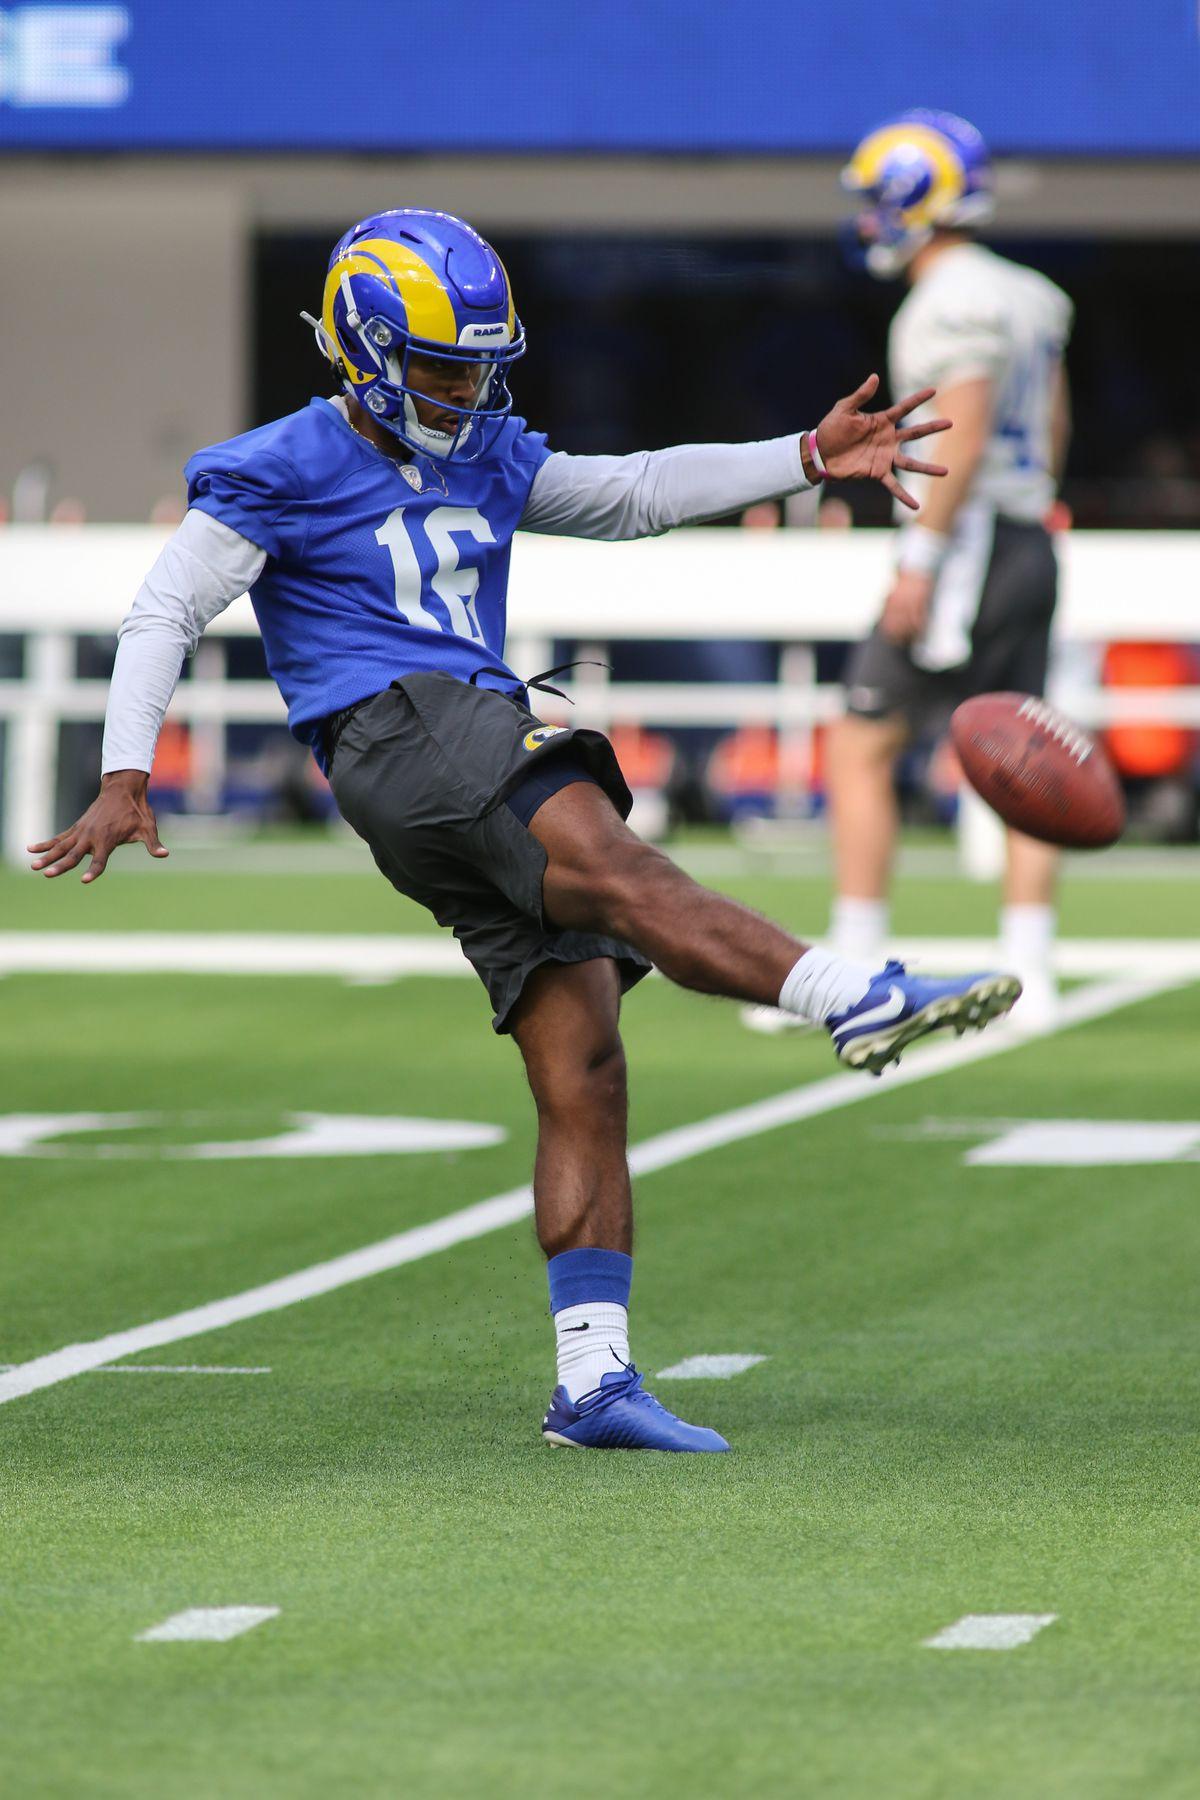 NFL: JUN 10 Rams Practice